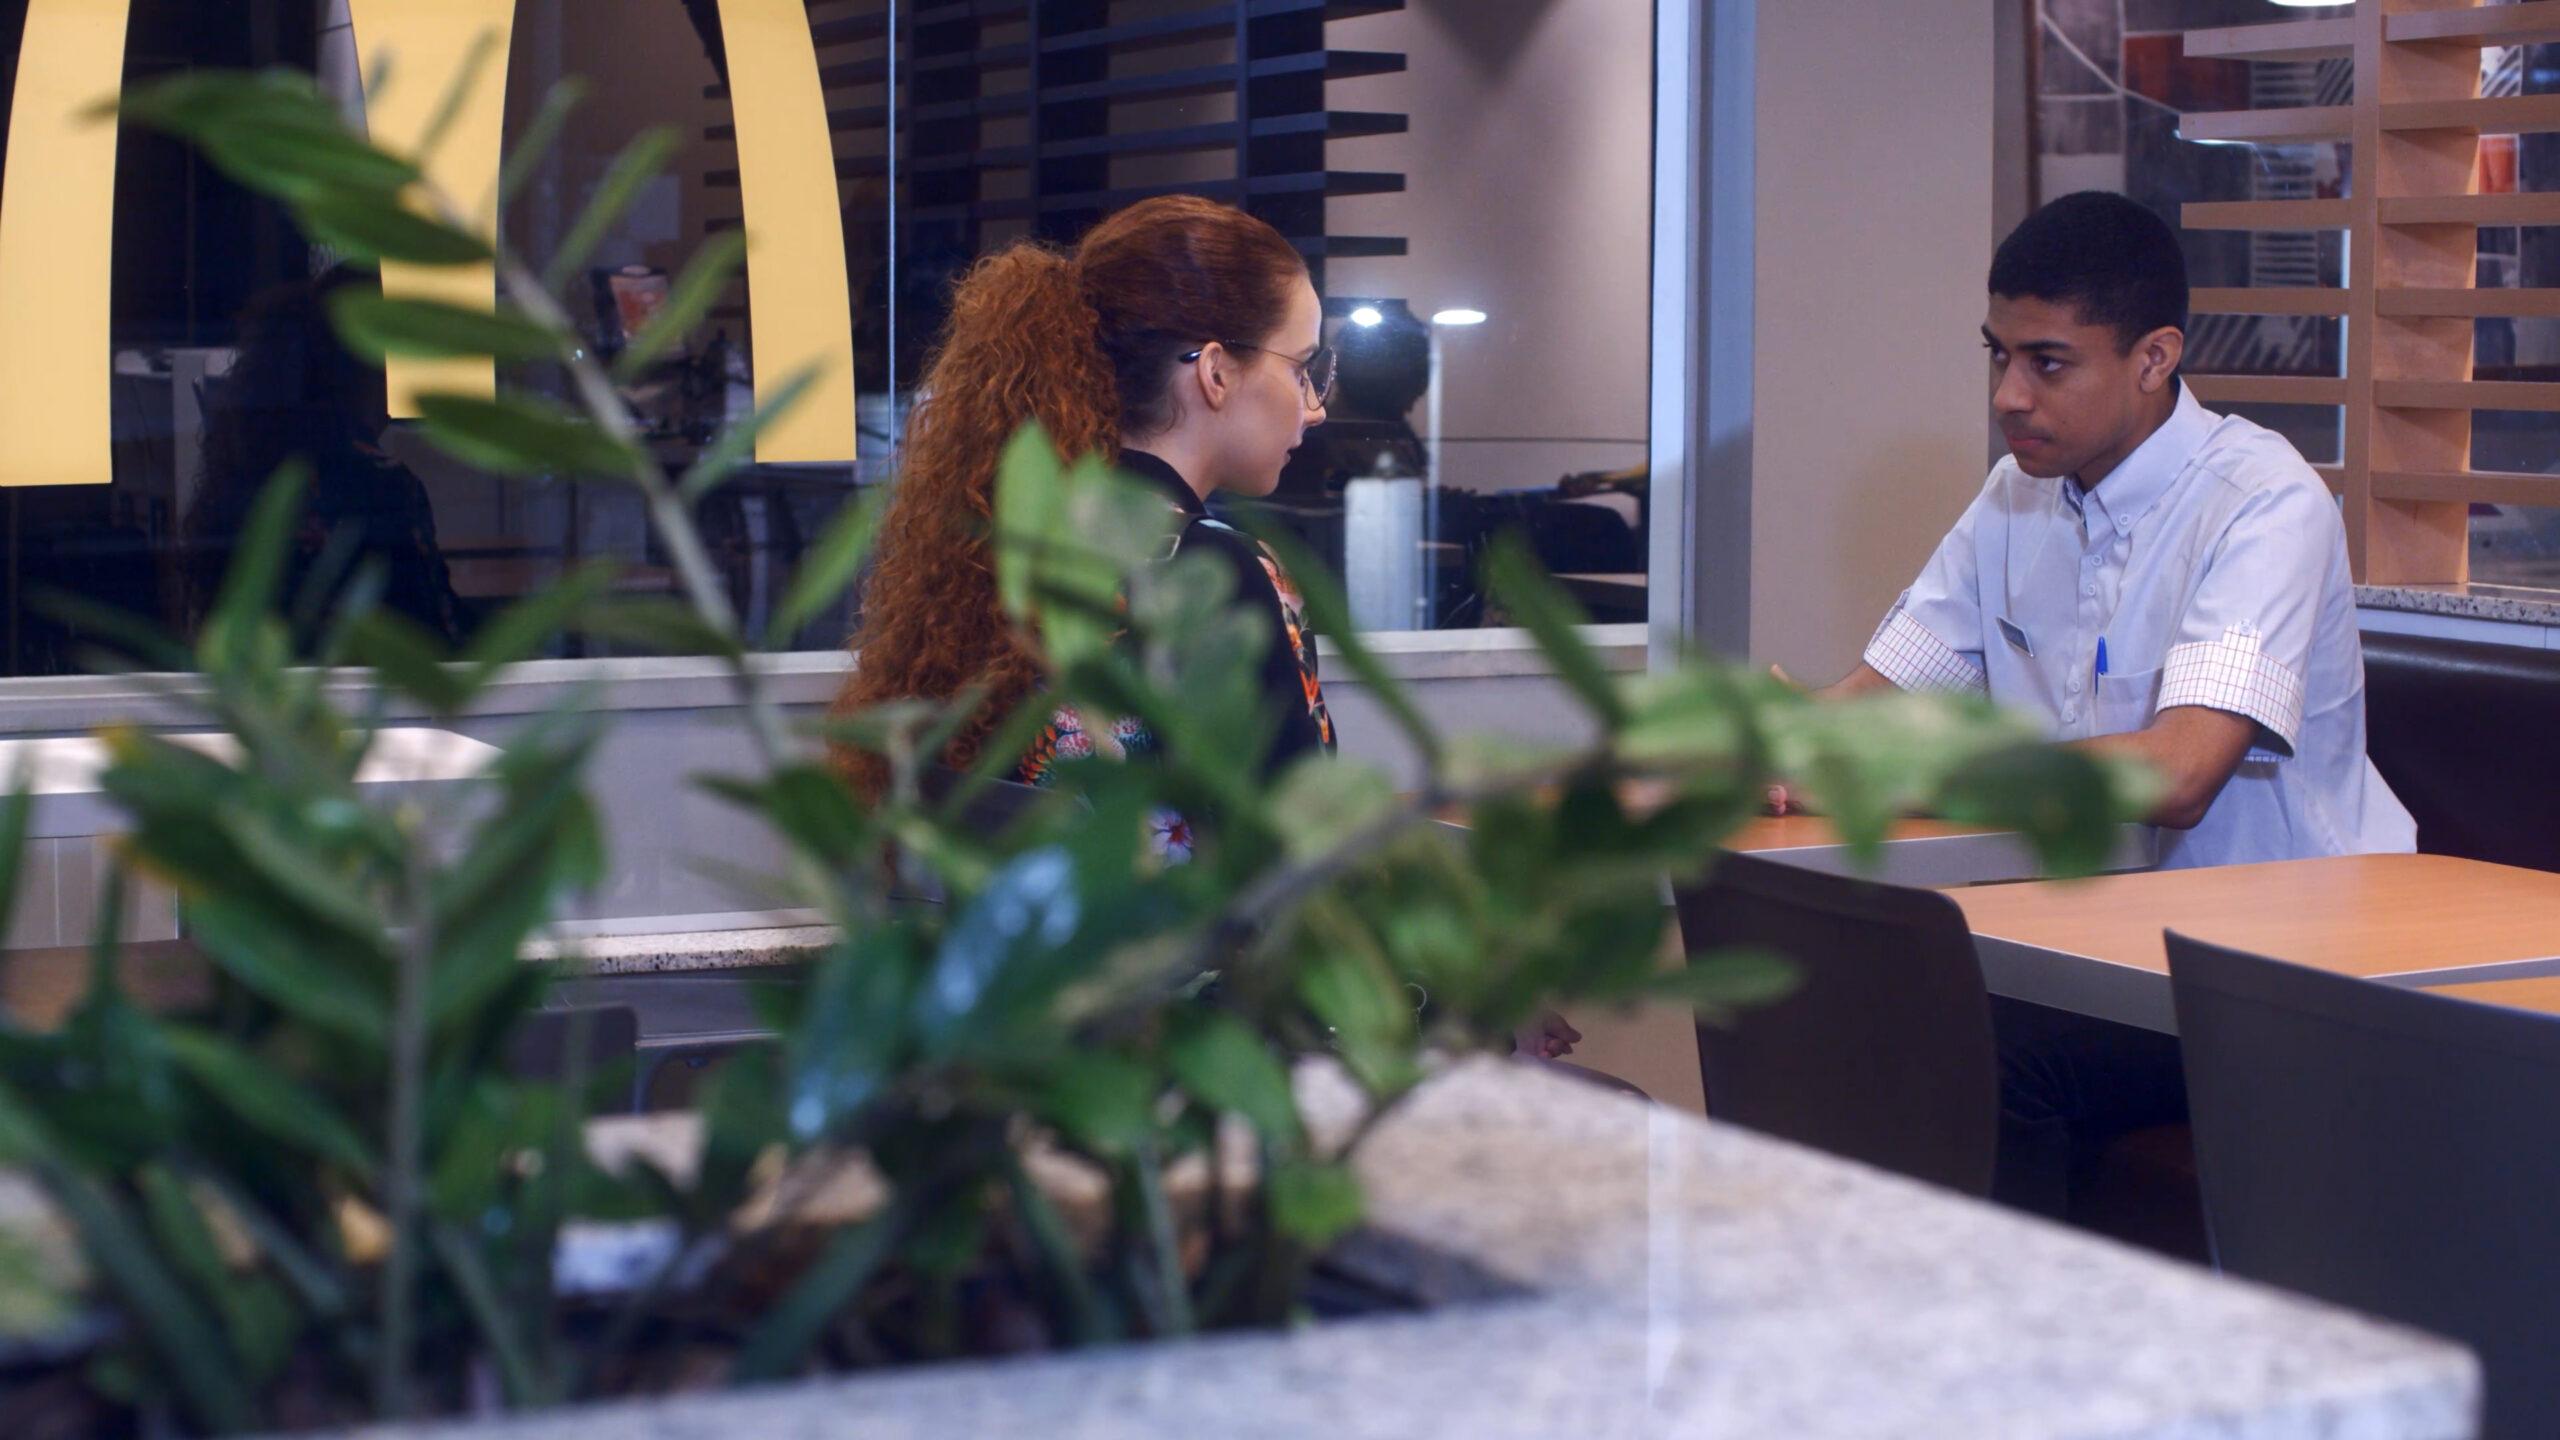 [Brasil] Meu Primeiro Emprego – Episódio 5